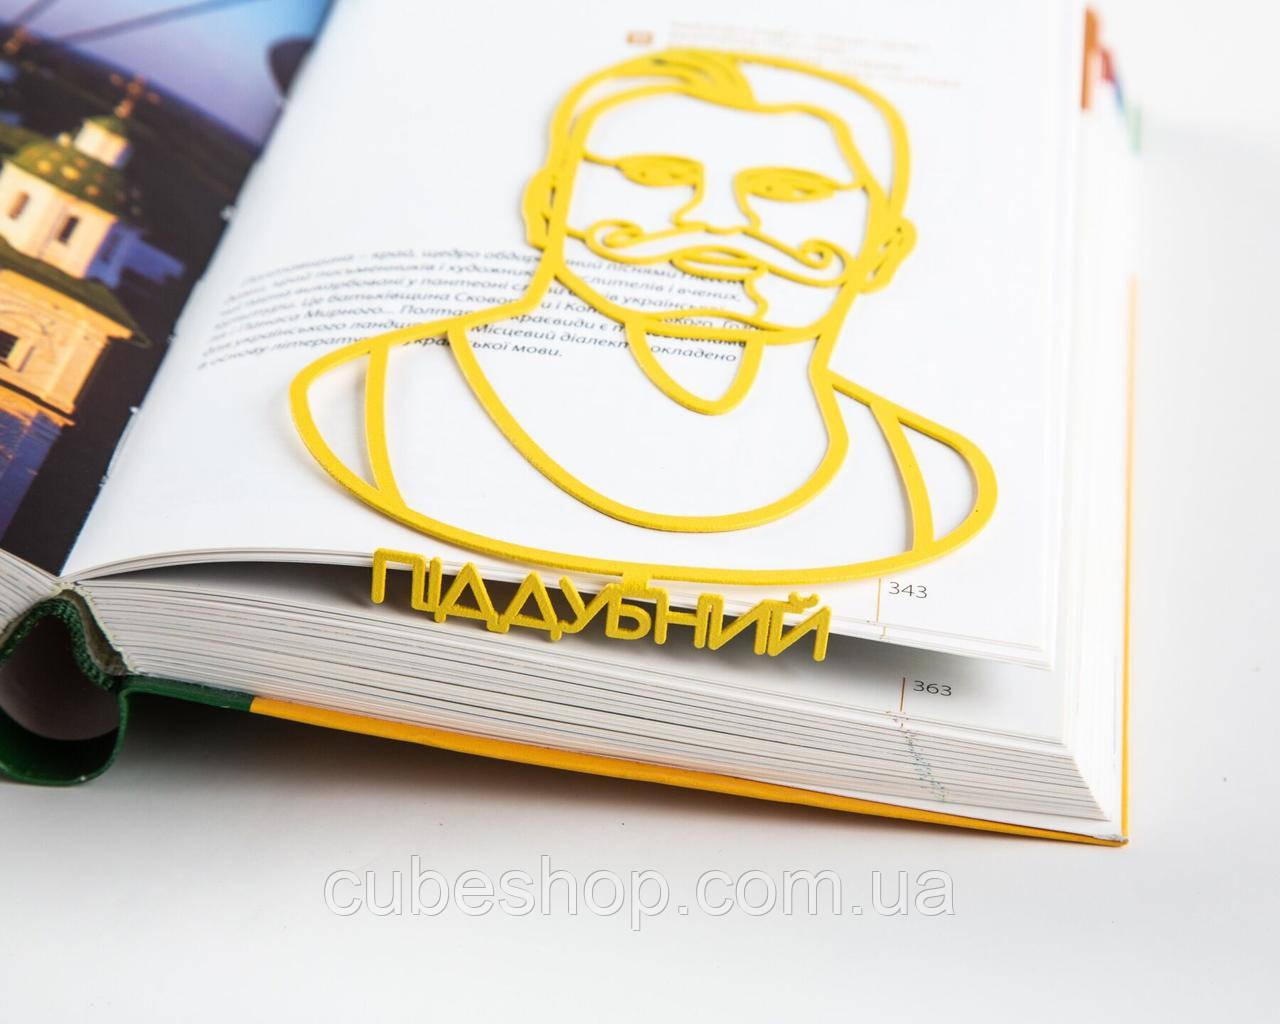 Закладка для книг Иван Поддубный